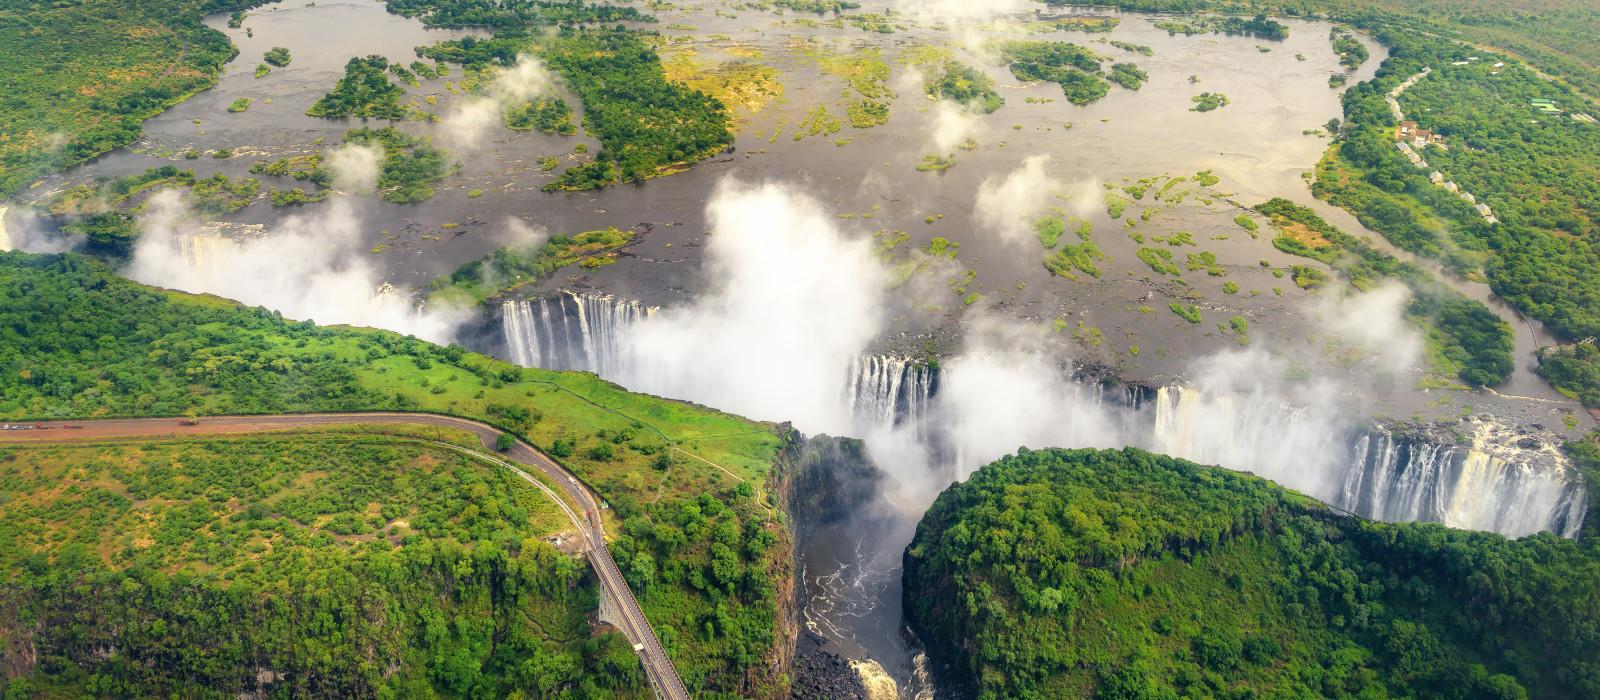 Sambesi-Fluss und Victoriafälle, Afrika